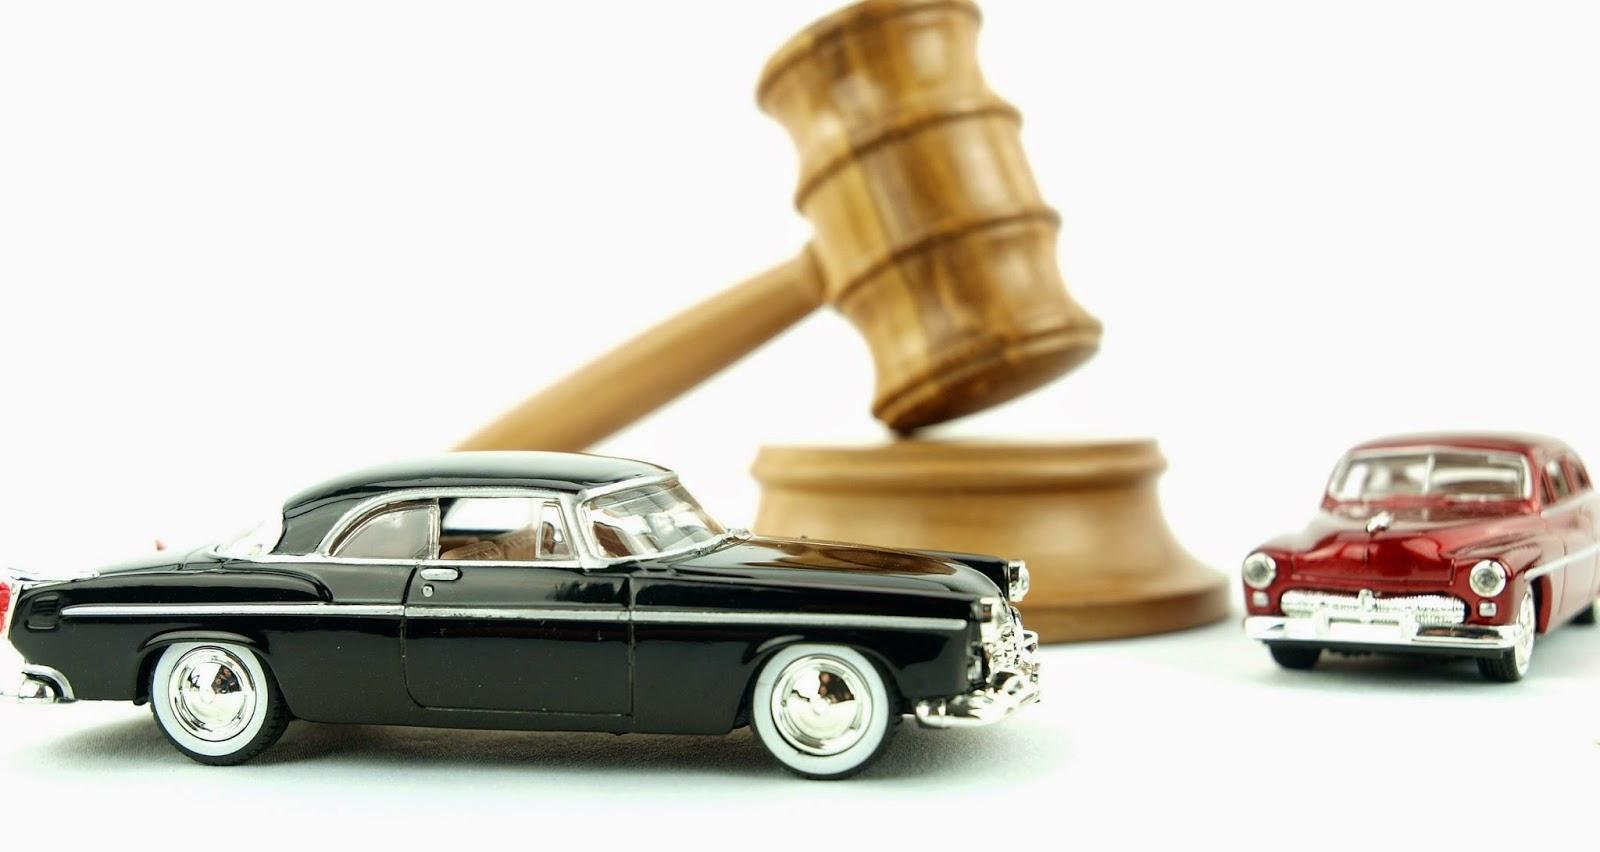 Недостатки и преимущества покупки залоговых автомобилей 2